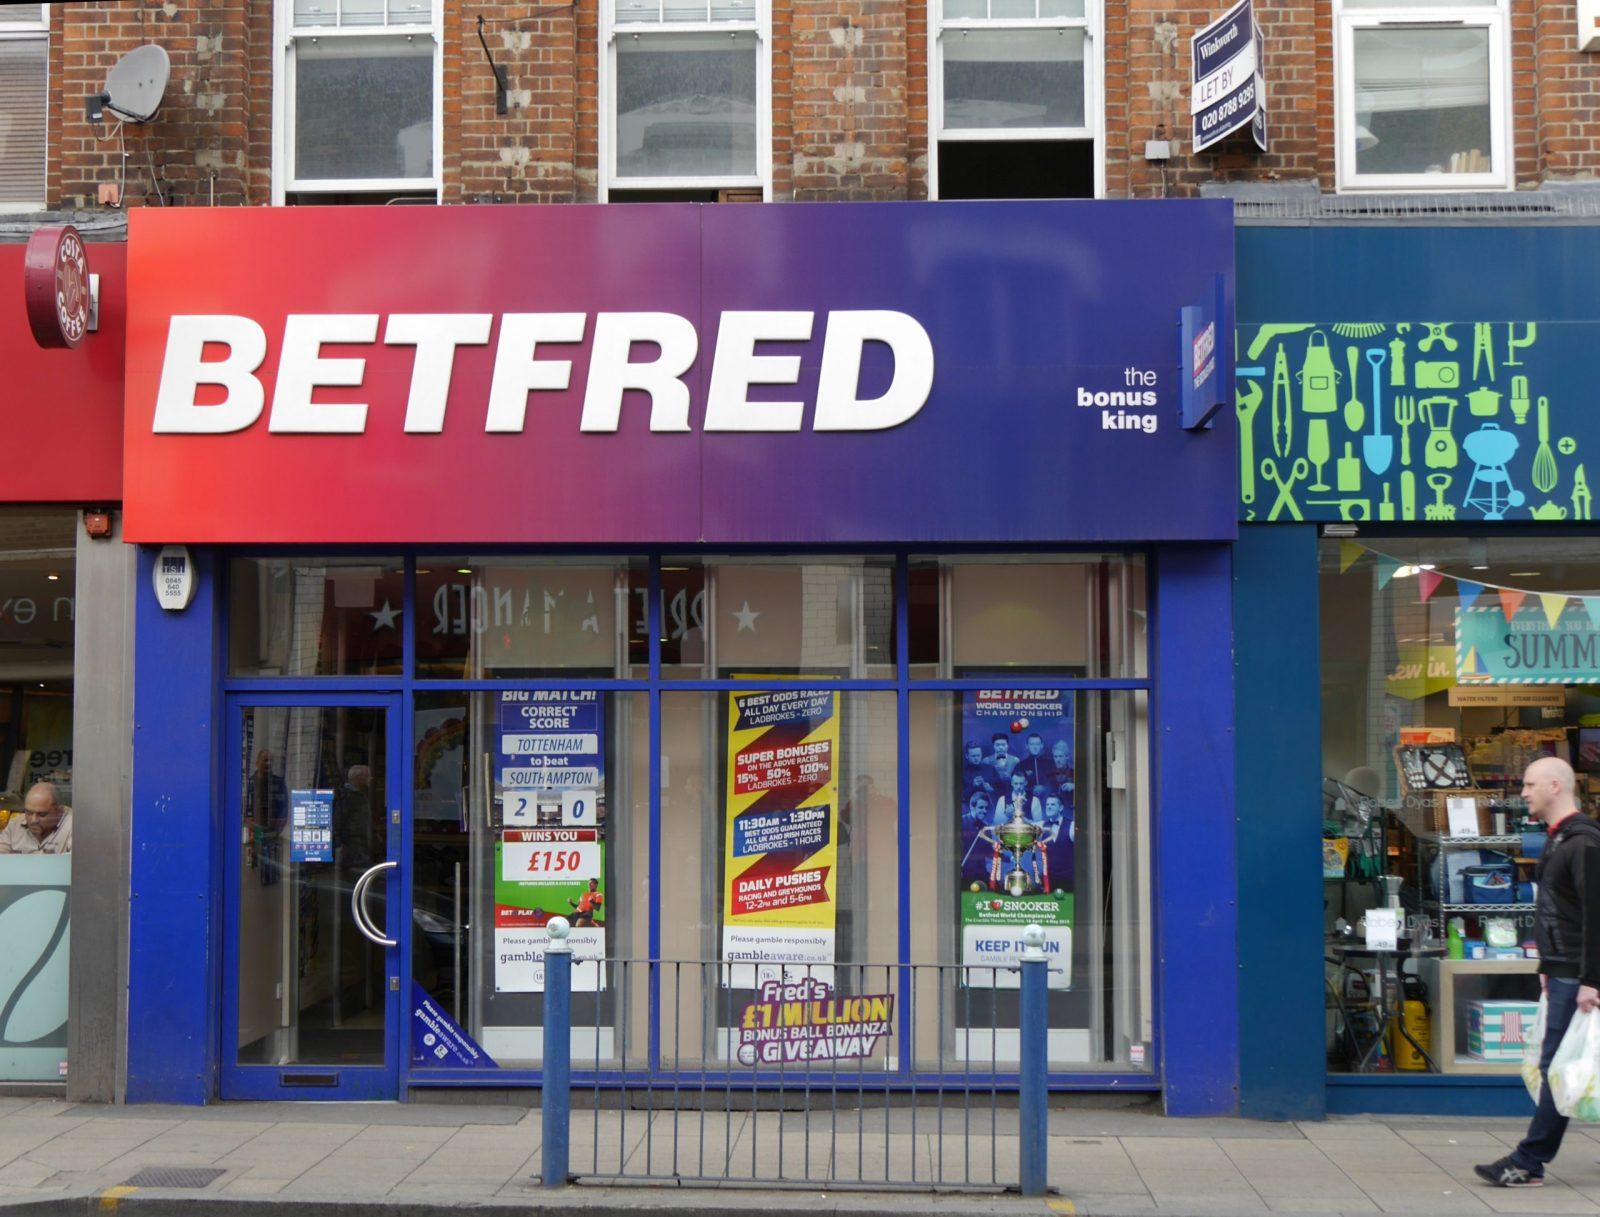 Les propriétaires de Betfred gagnent des millions de dollars en aidant les addicts aux jeux